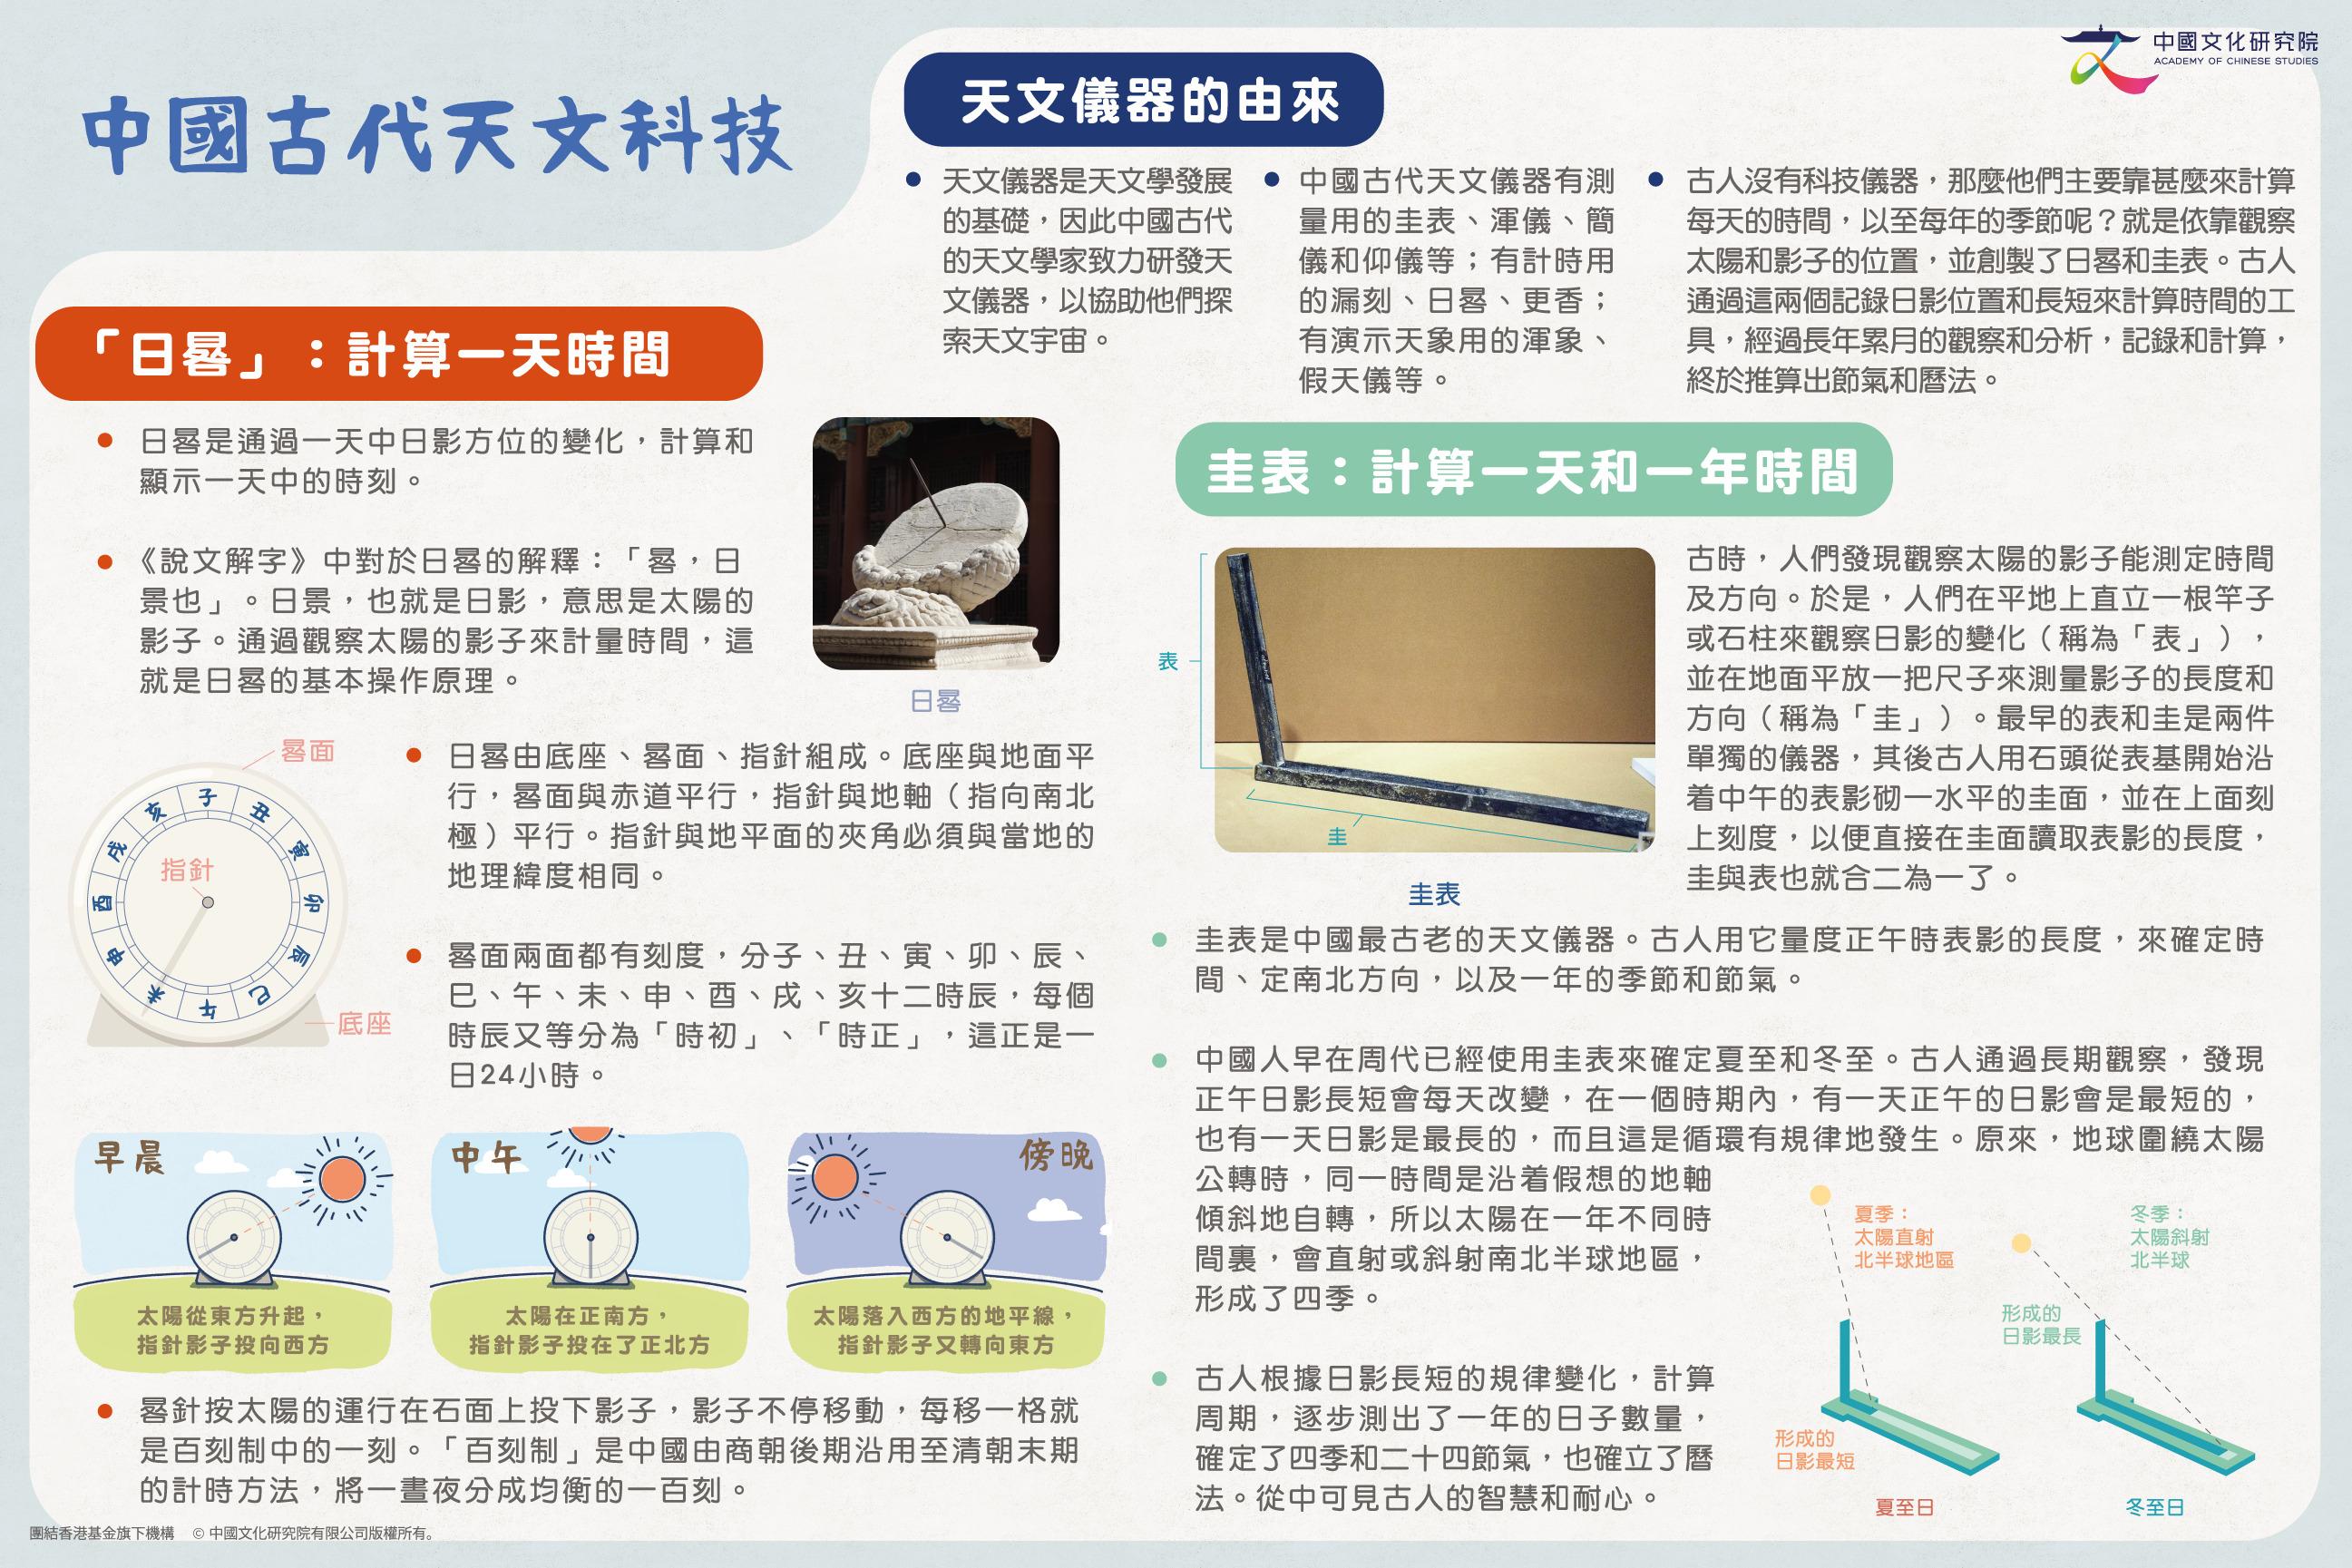 zhongguogudaitianwenxue-0304_v2_deb0818-01